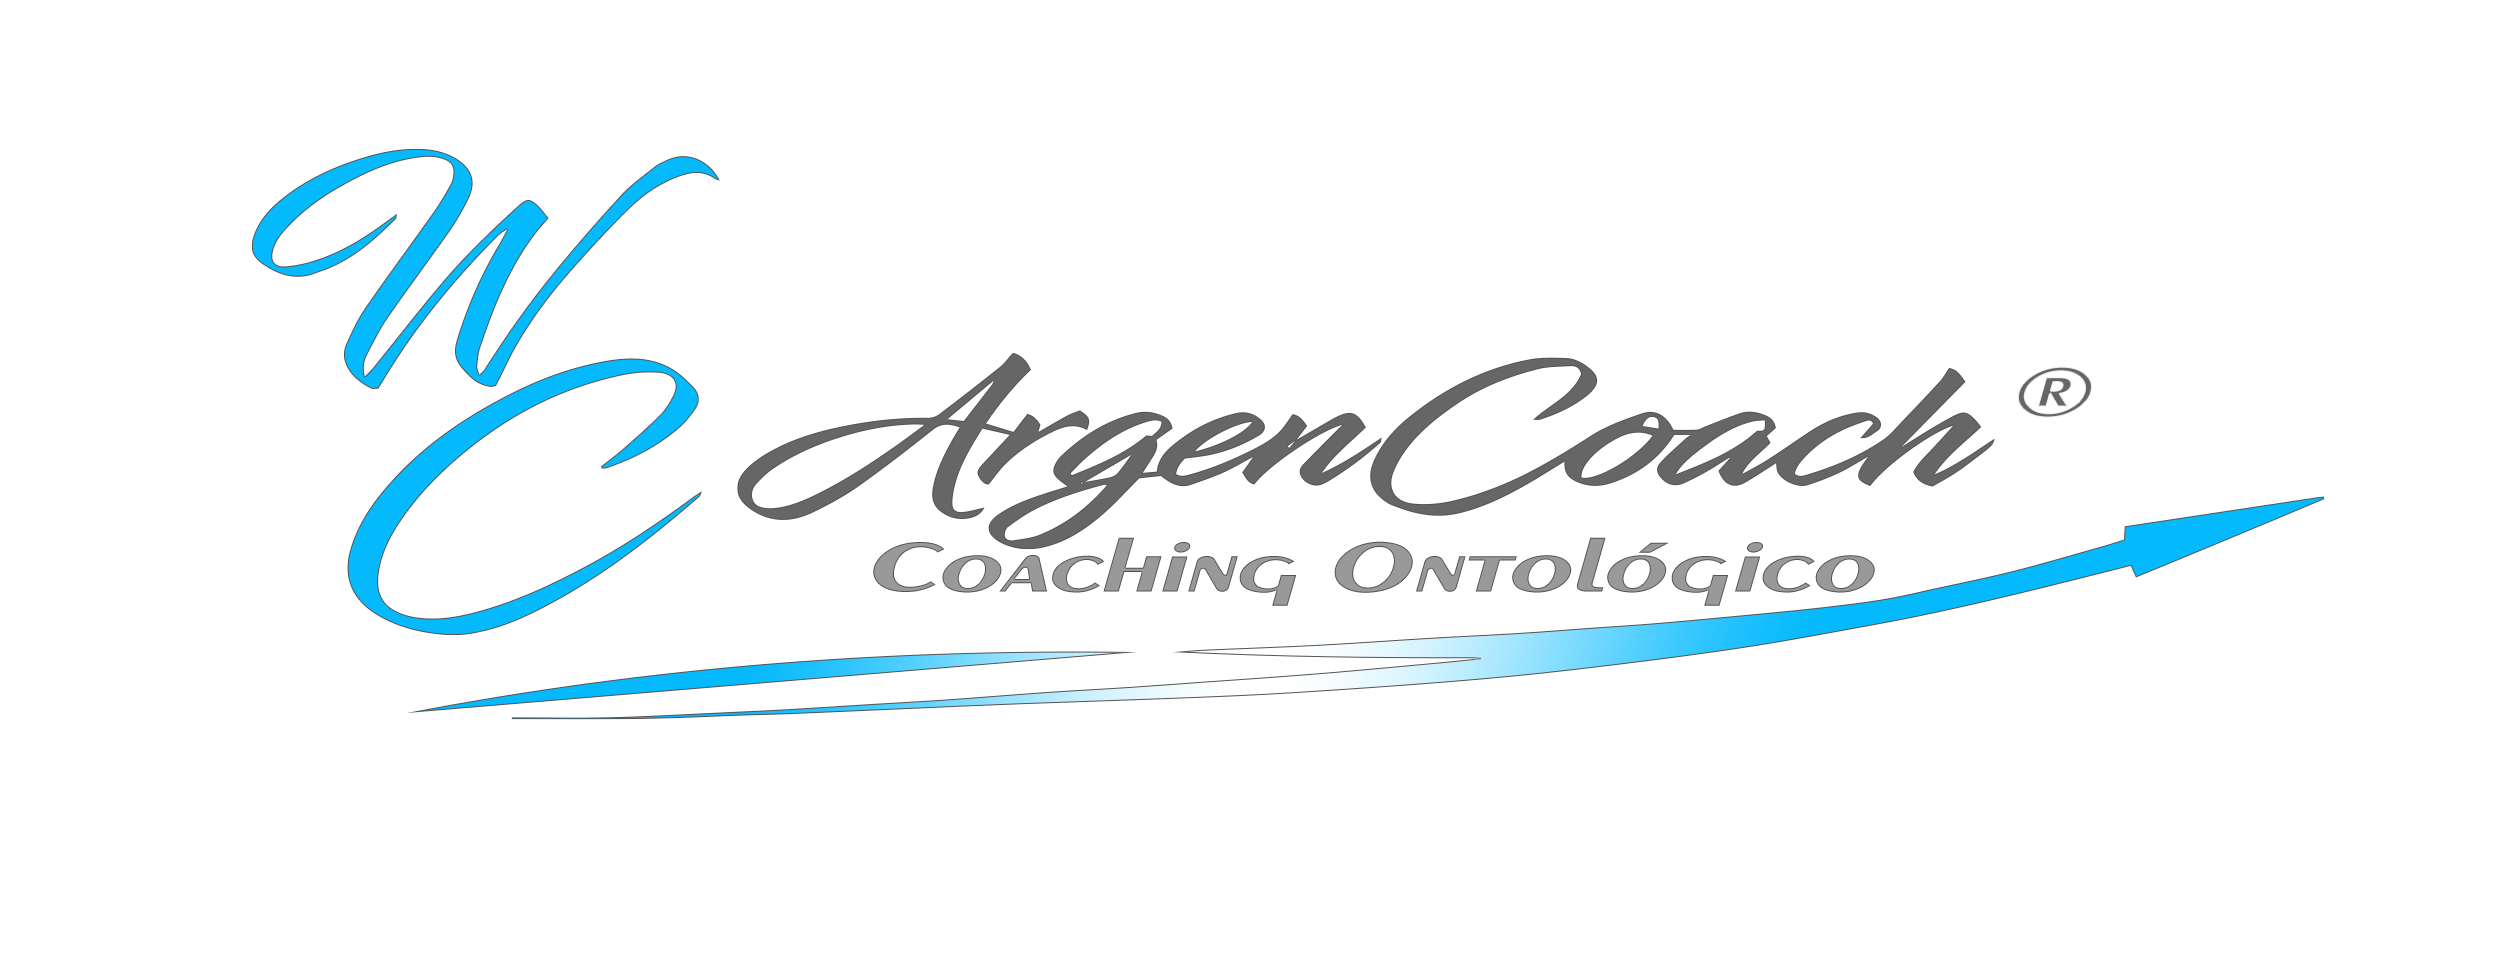 ArgenCoach ®